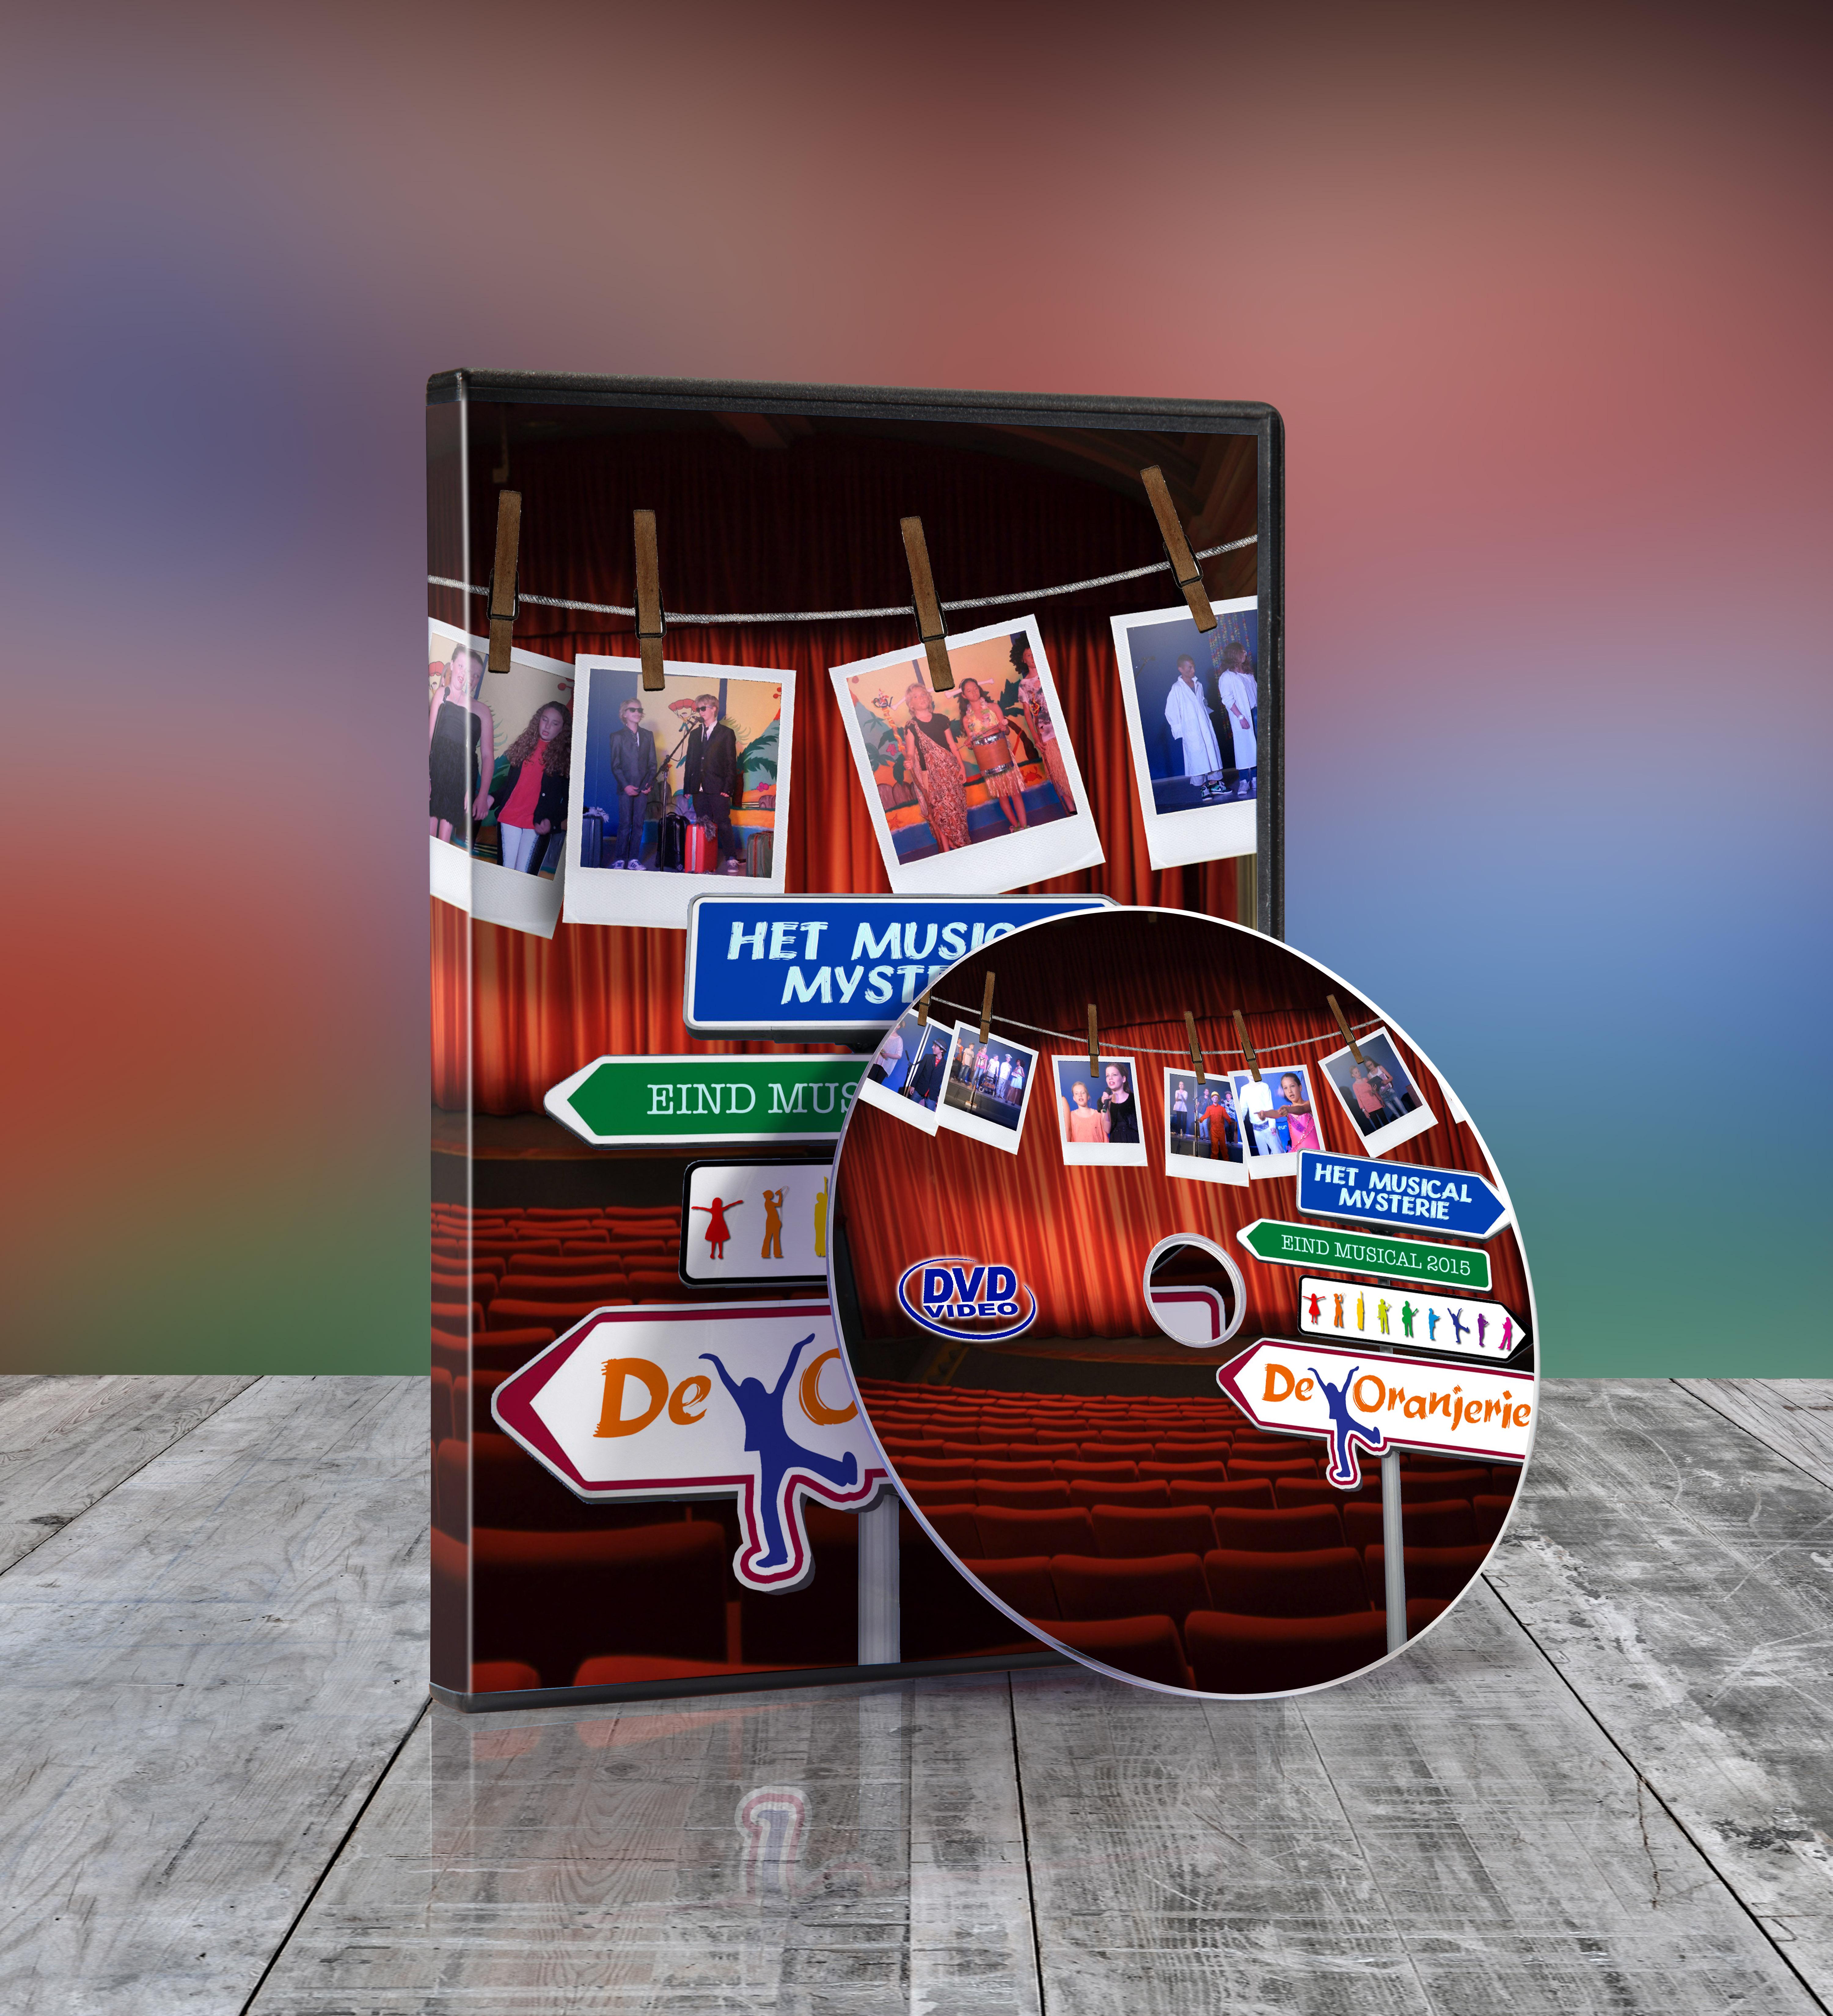 musical mysterie dvd mockup melange design bedrijfsvideografie musicalvideografie